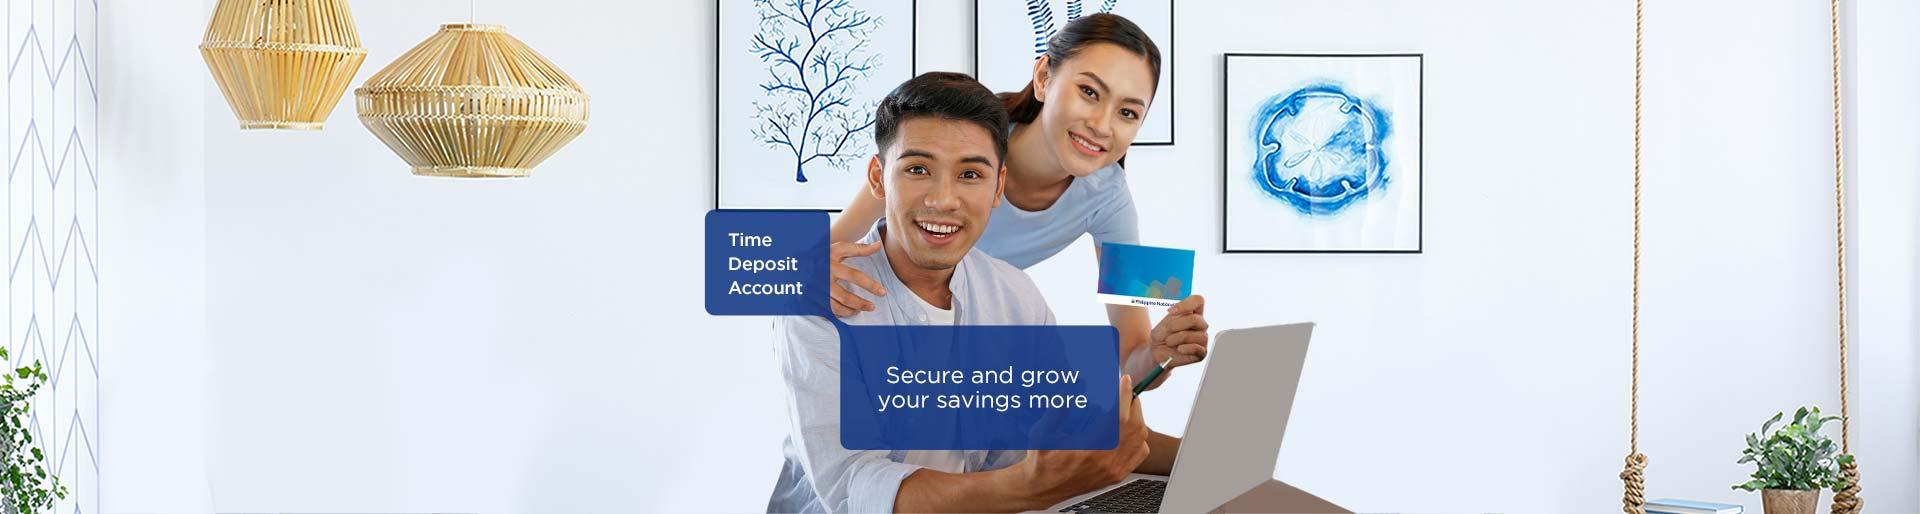 PNB Time Deposit